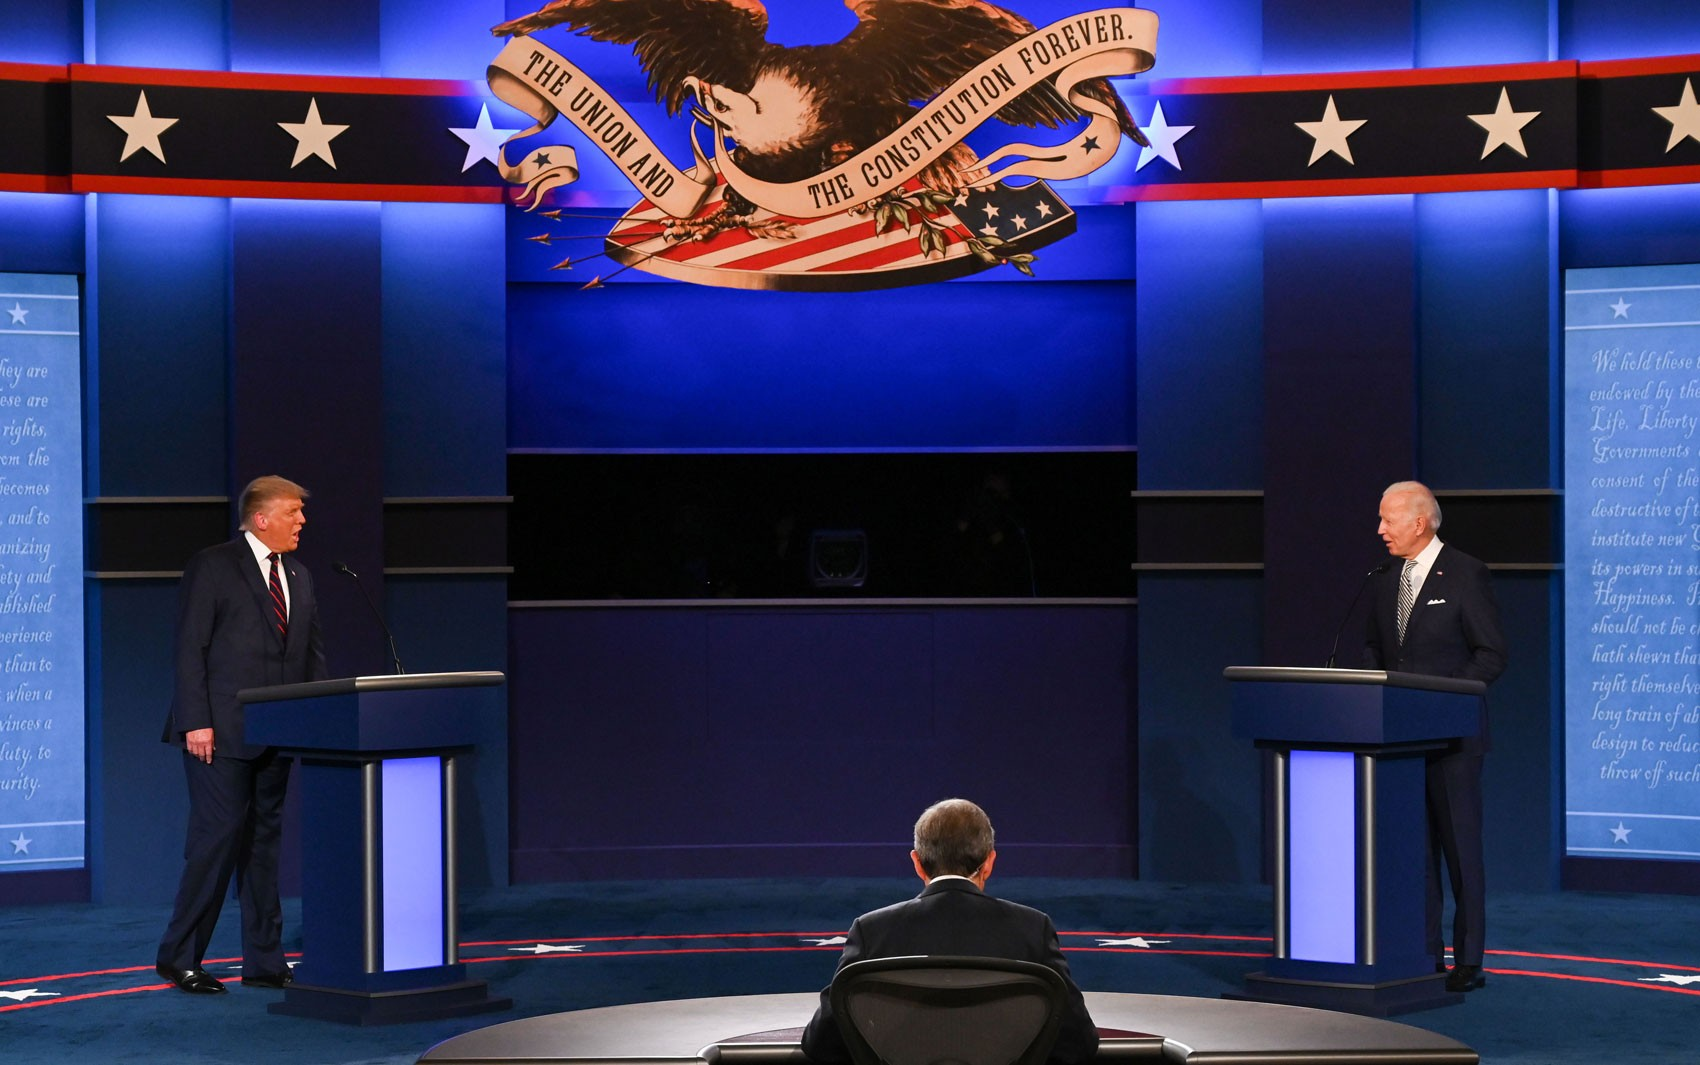 Eleições nos EUA: Quem ganhou o debate entre Trump e Biden?